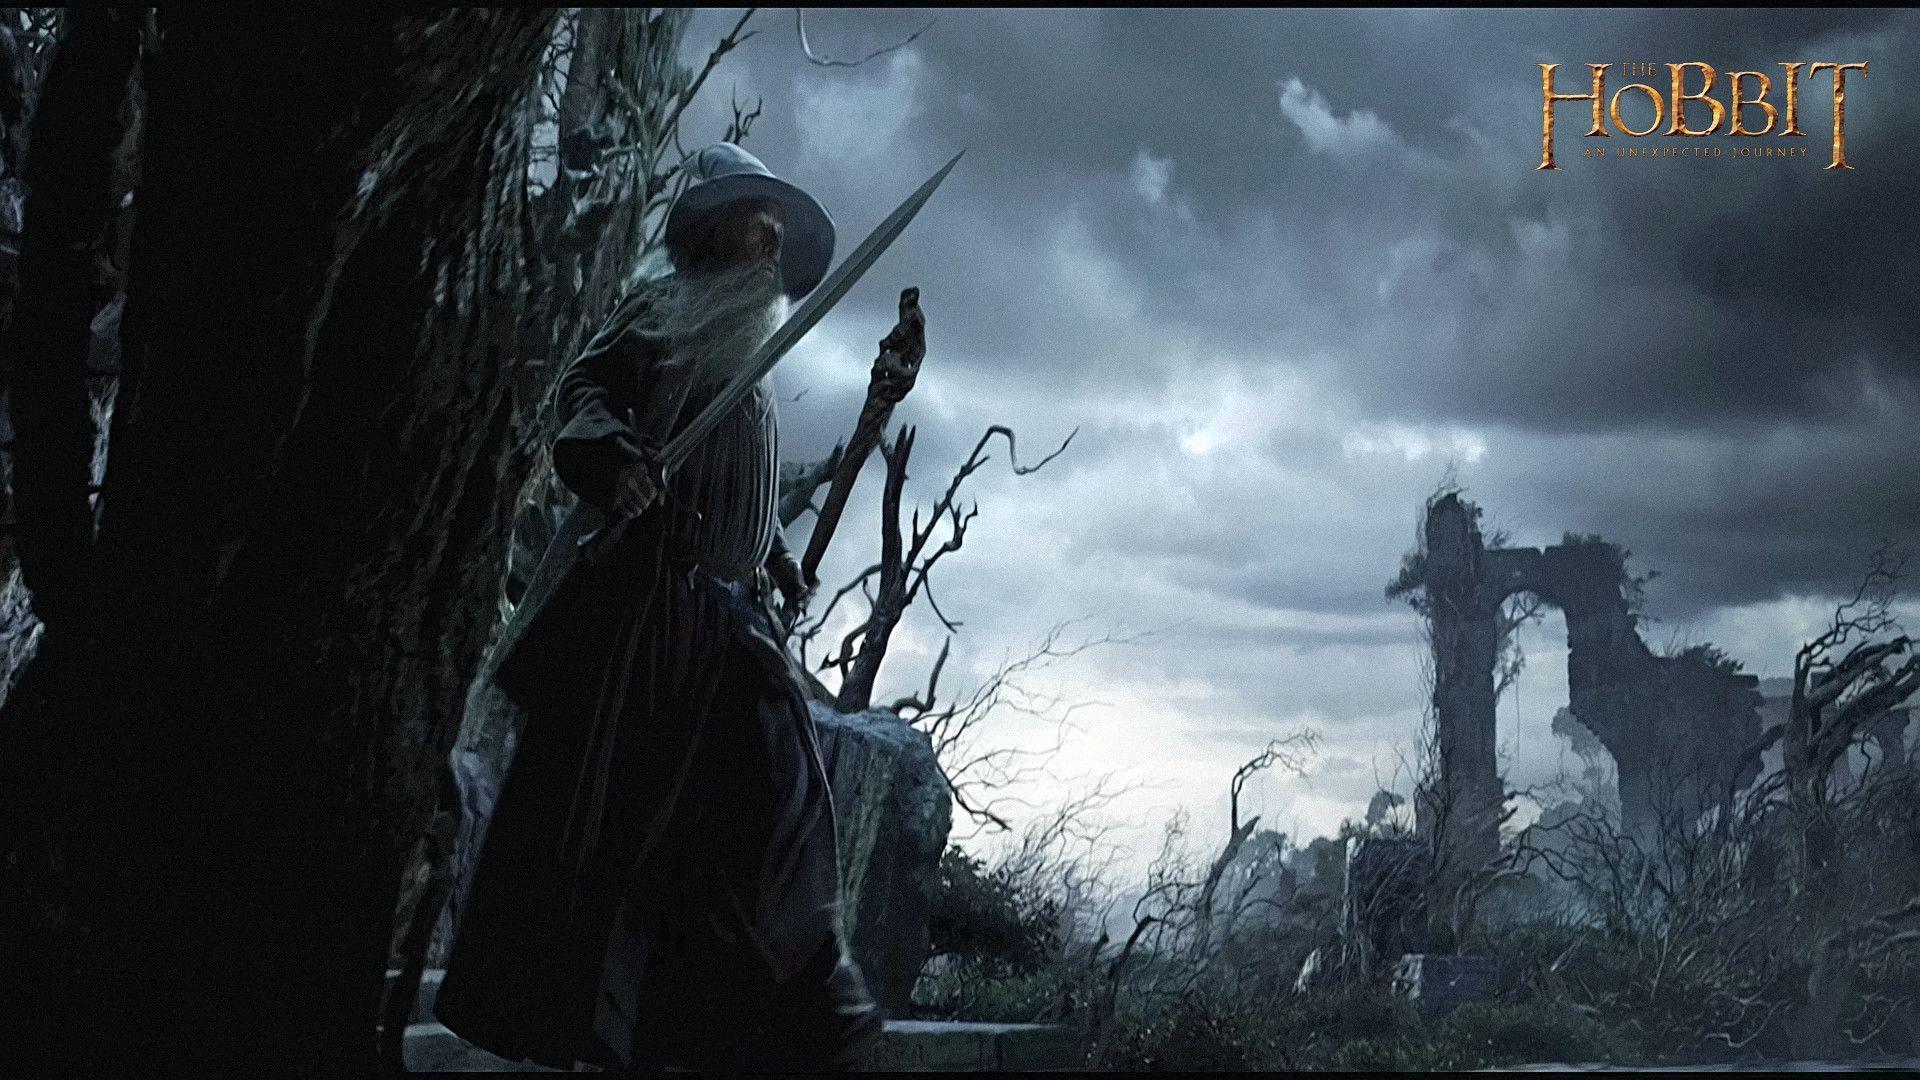 The Hobbit Wallpapers HD 1920x1080